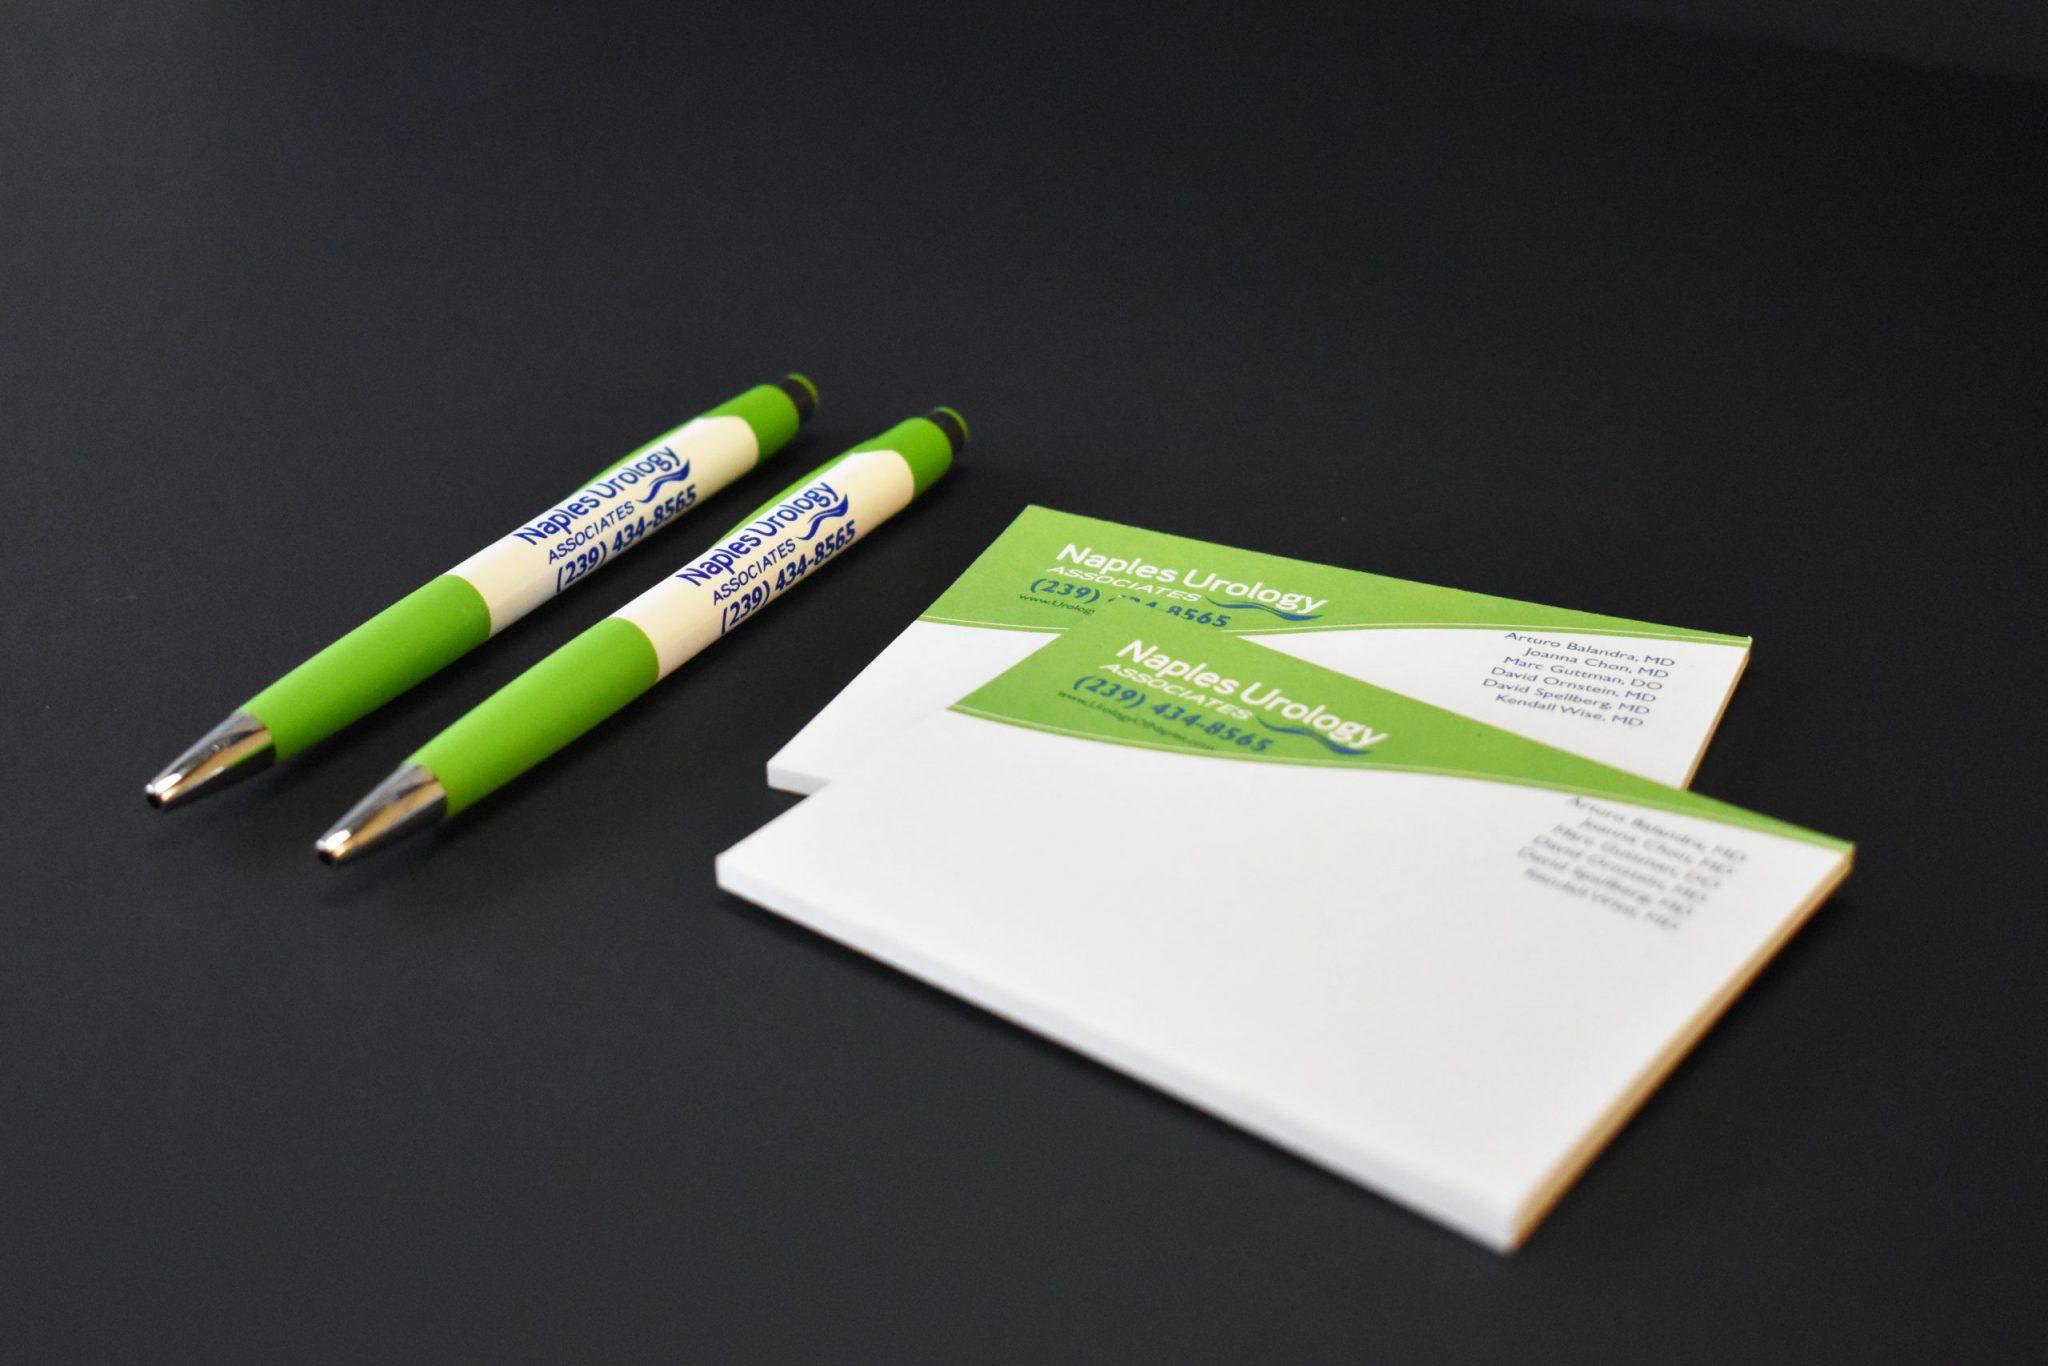 sticky-notepads-pens